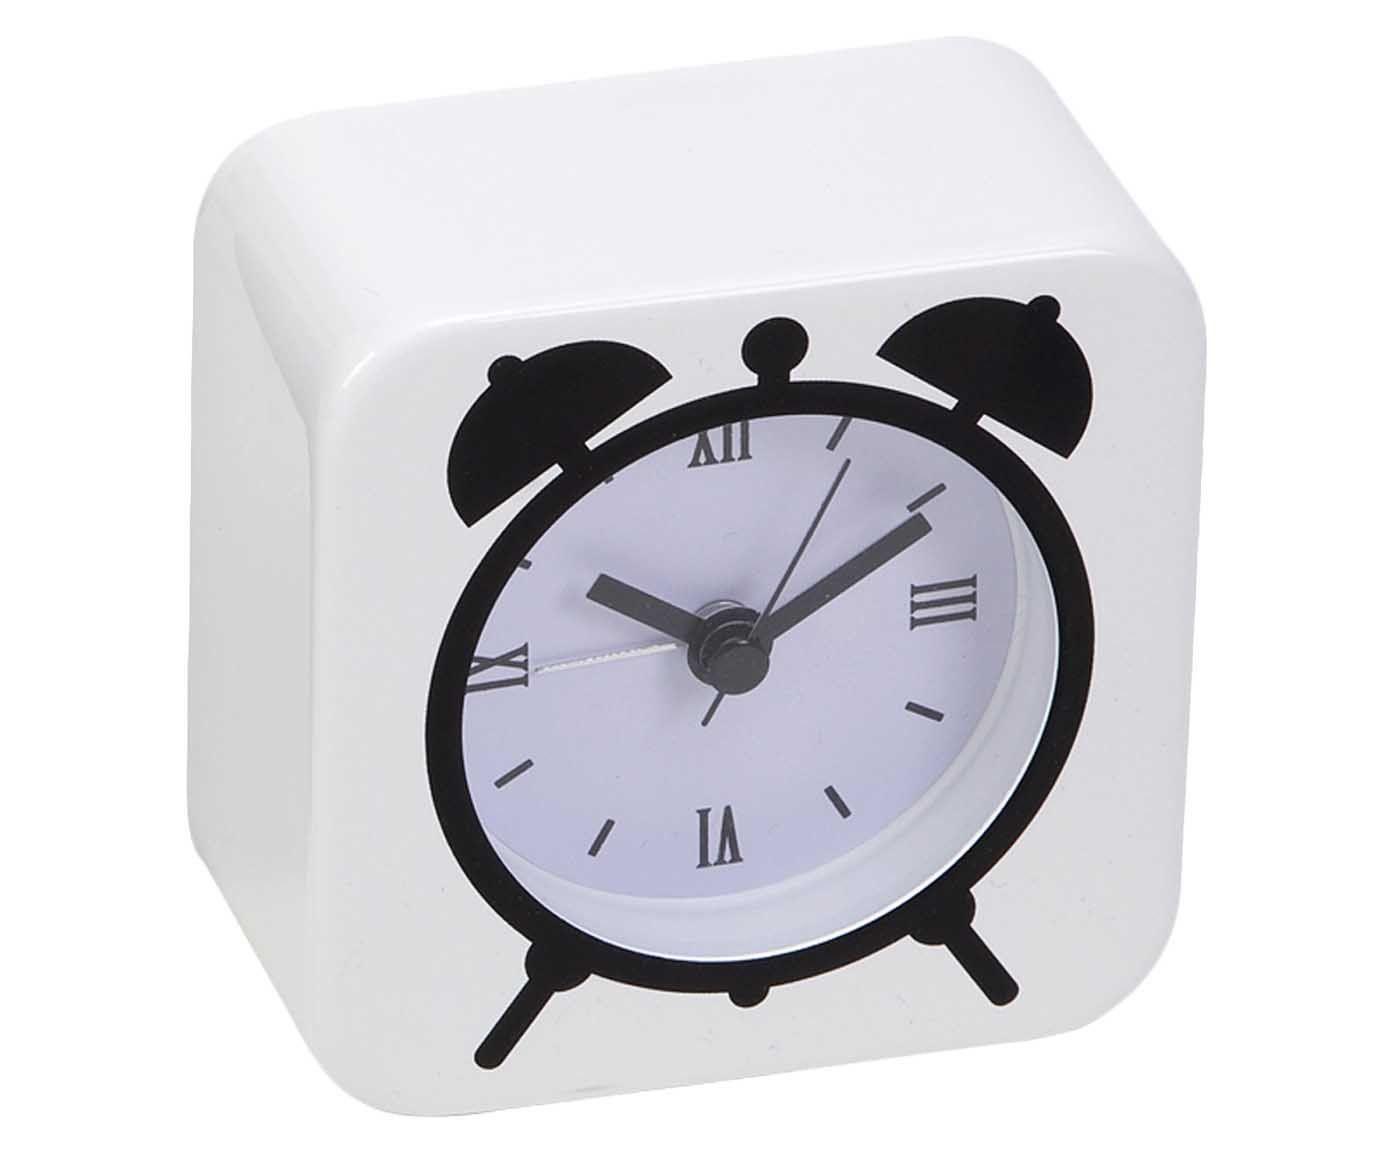 Relógio Despertador Duclok - Branco | Westwing.com.br